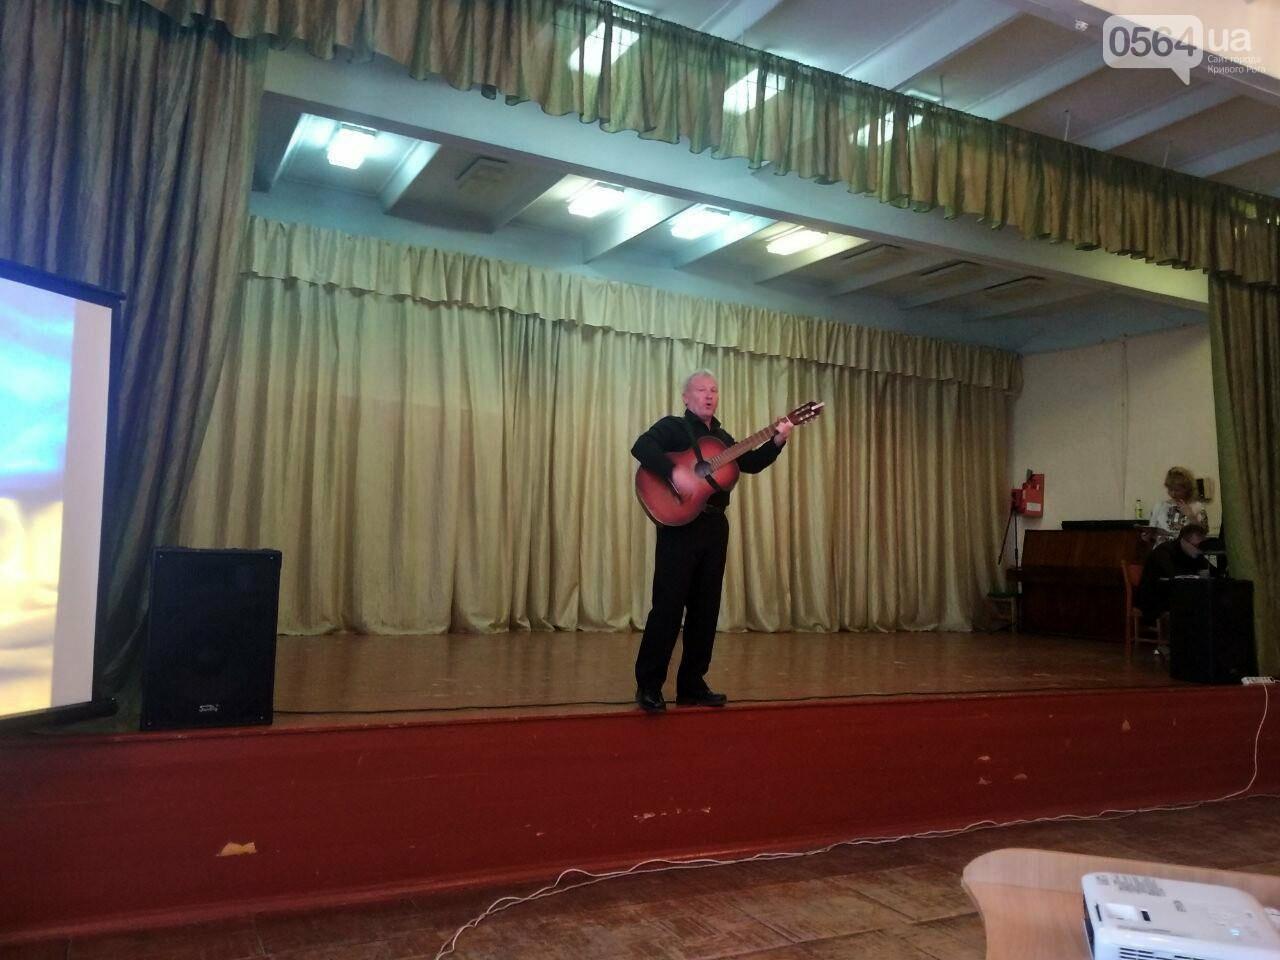 Криворожские школьники провели благотворительный концерт в поддержку бойцов АТО (ФОТО), фото-6